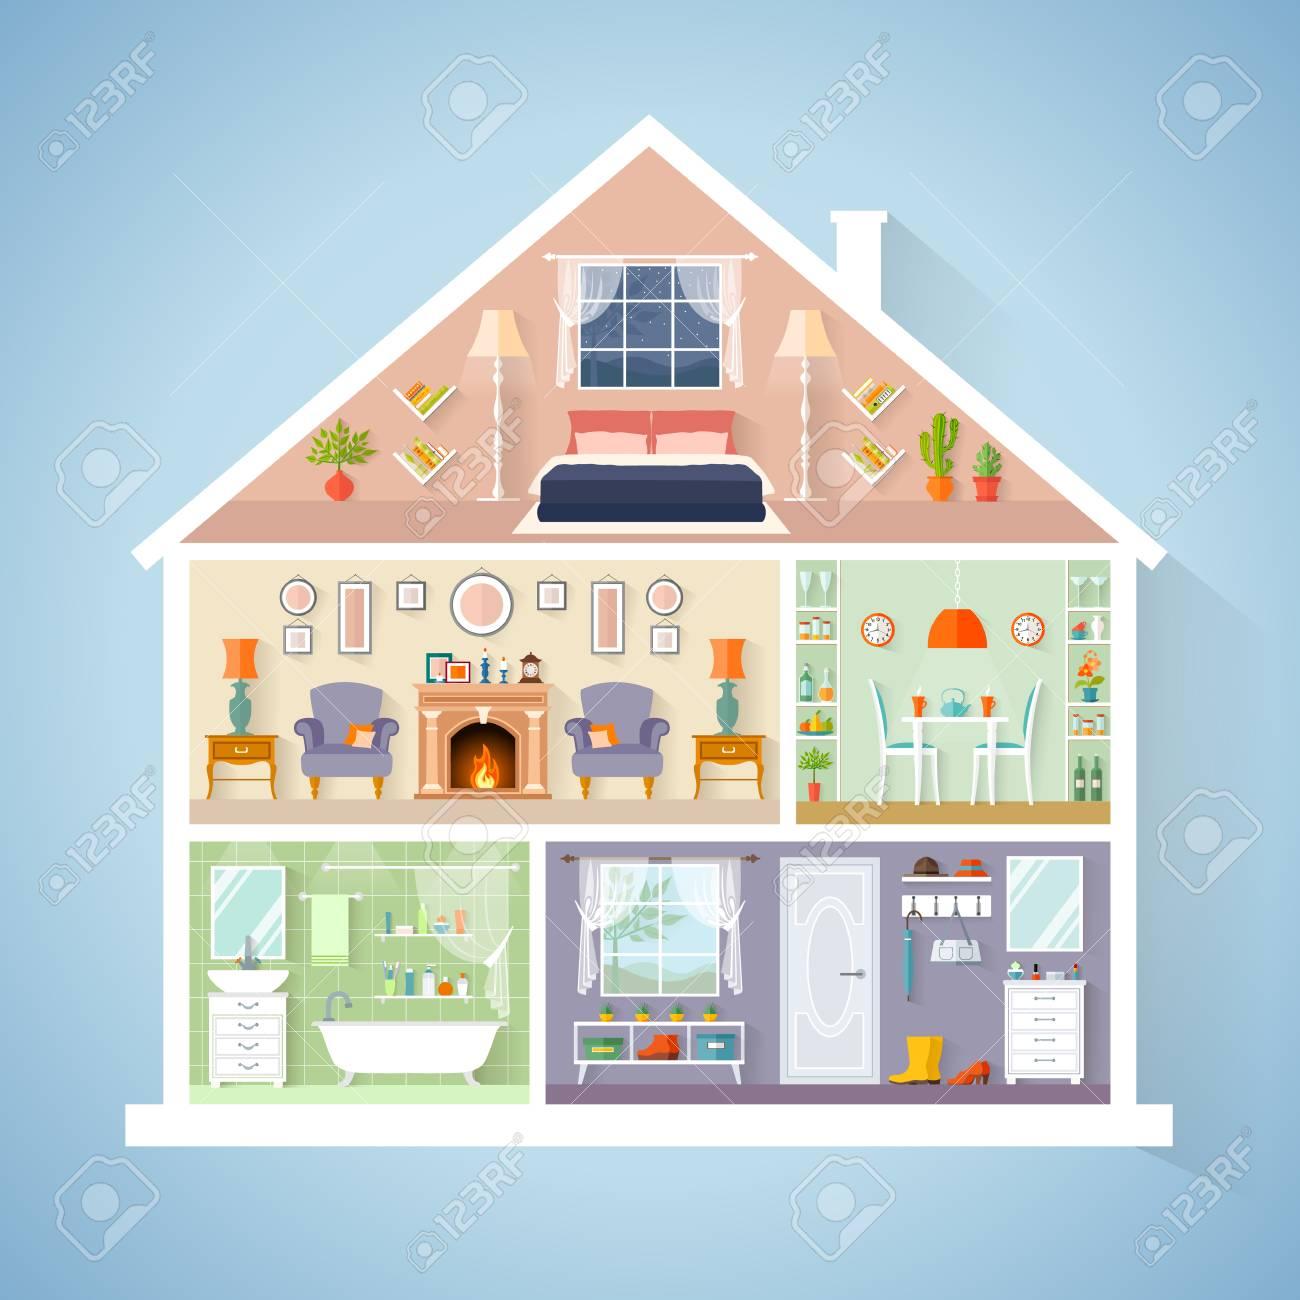 Modèle de maison de vecteur dans une coupe. Chambres avec meubles.  Intérieur détaillé dans un style plat.